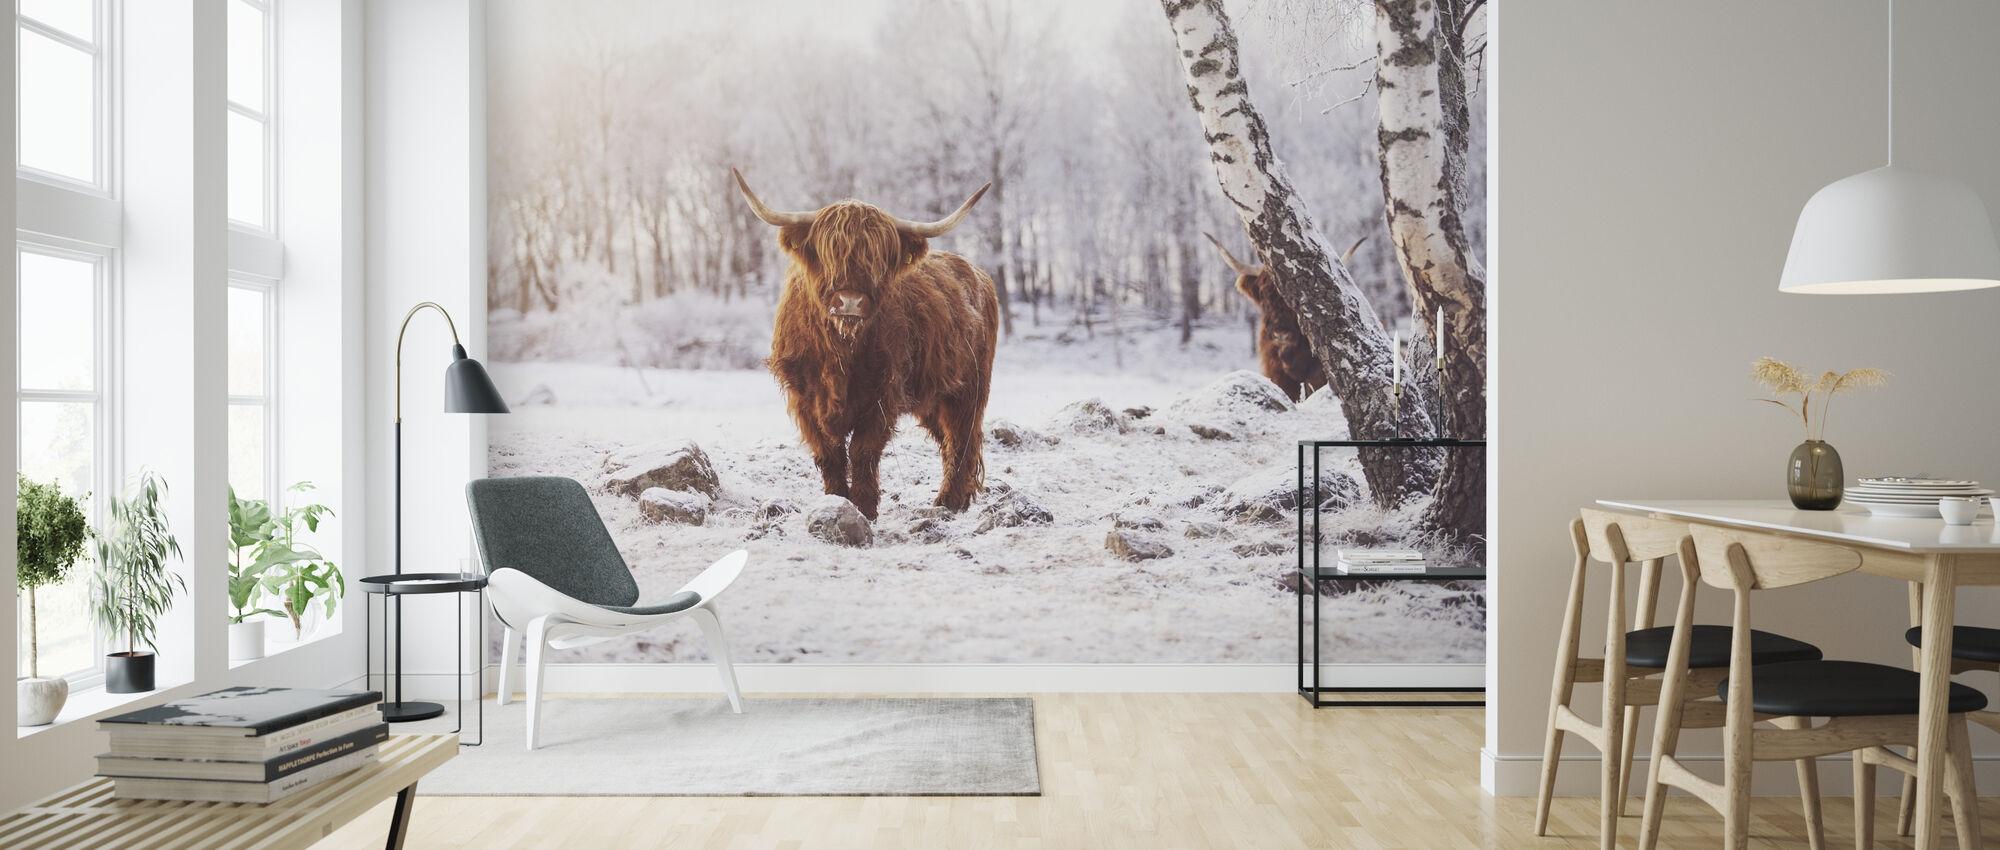 Highland Cattle - Wallpaper - Living Room